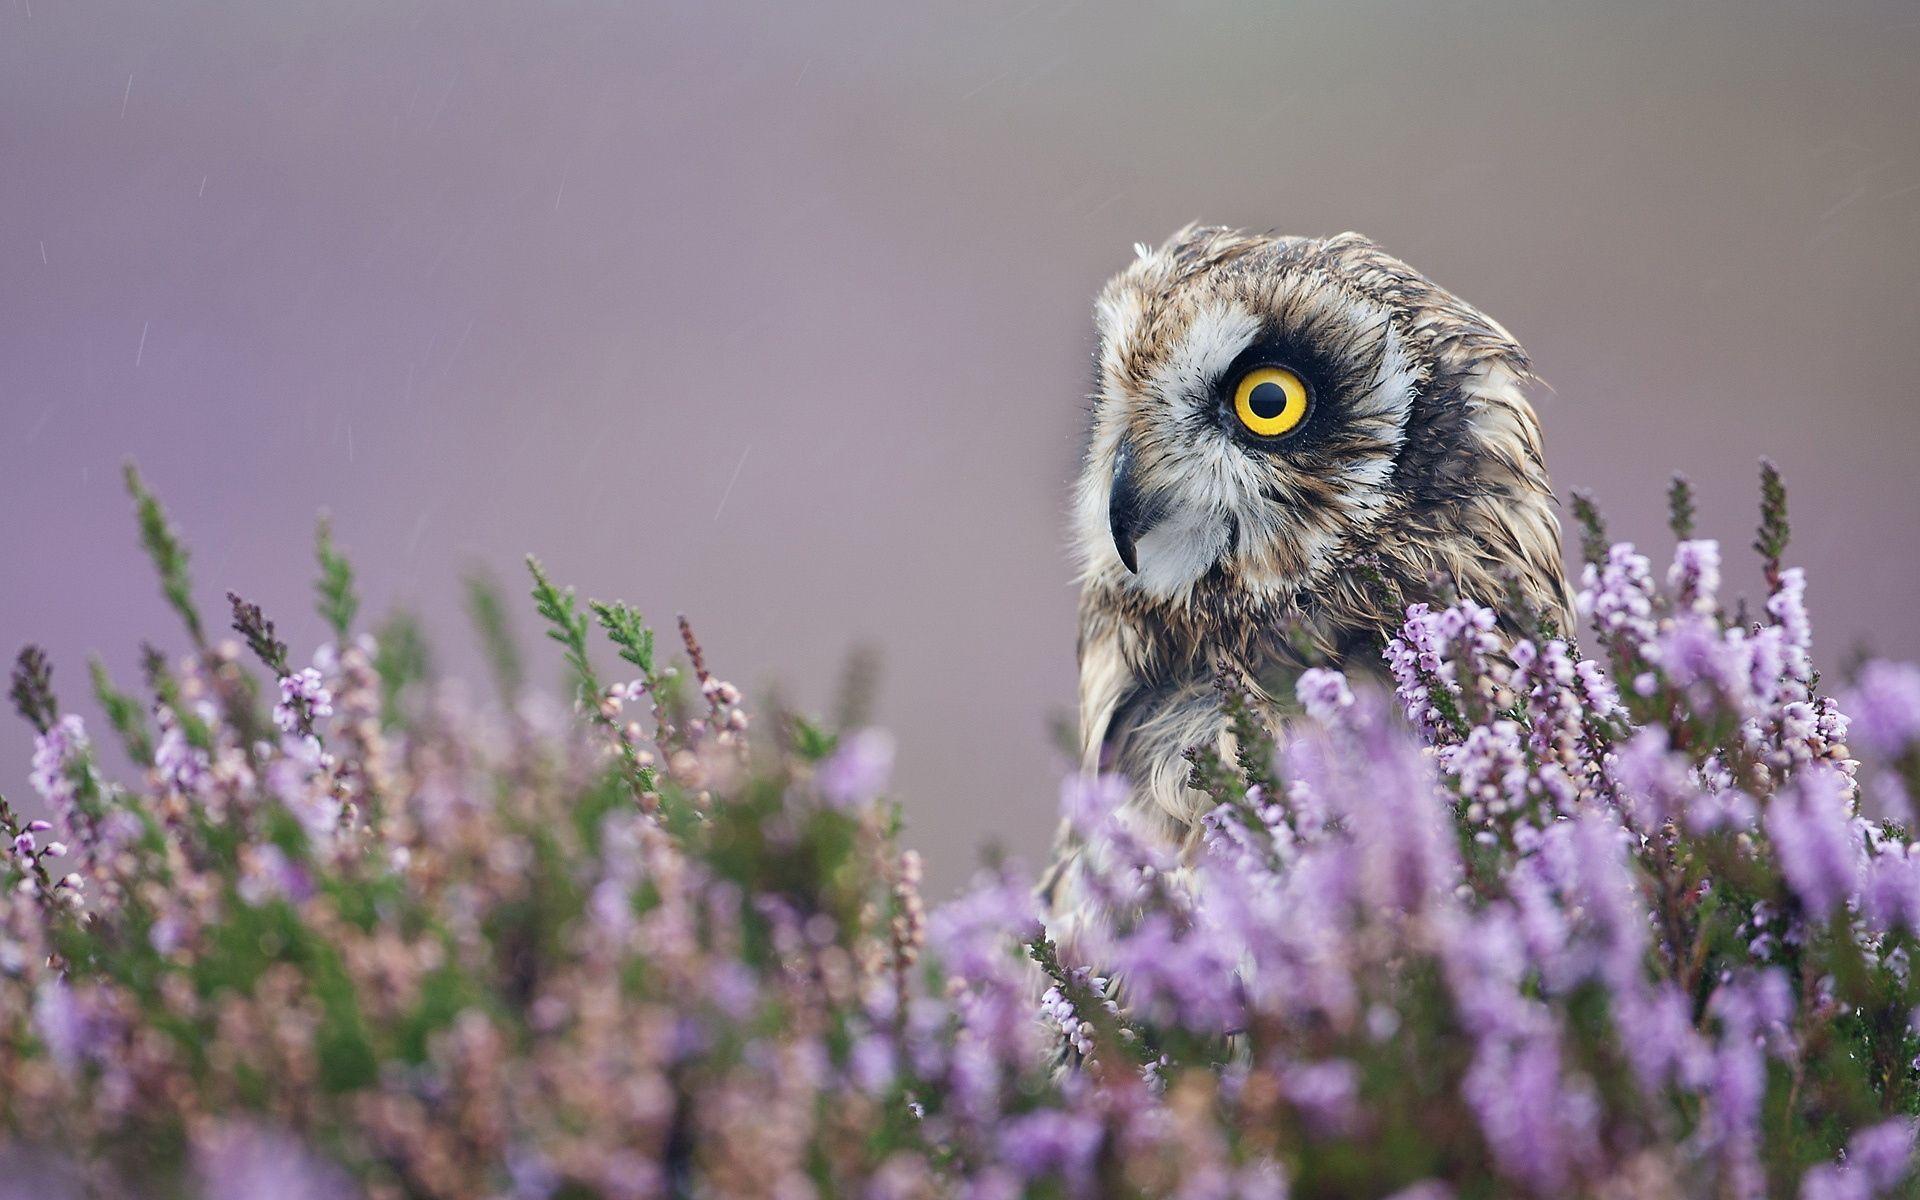 139438 скачать обои Животные, Сова, Лаванда, Профиль, Птица, Цветы - заставки и картинки бесплатно